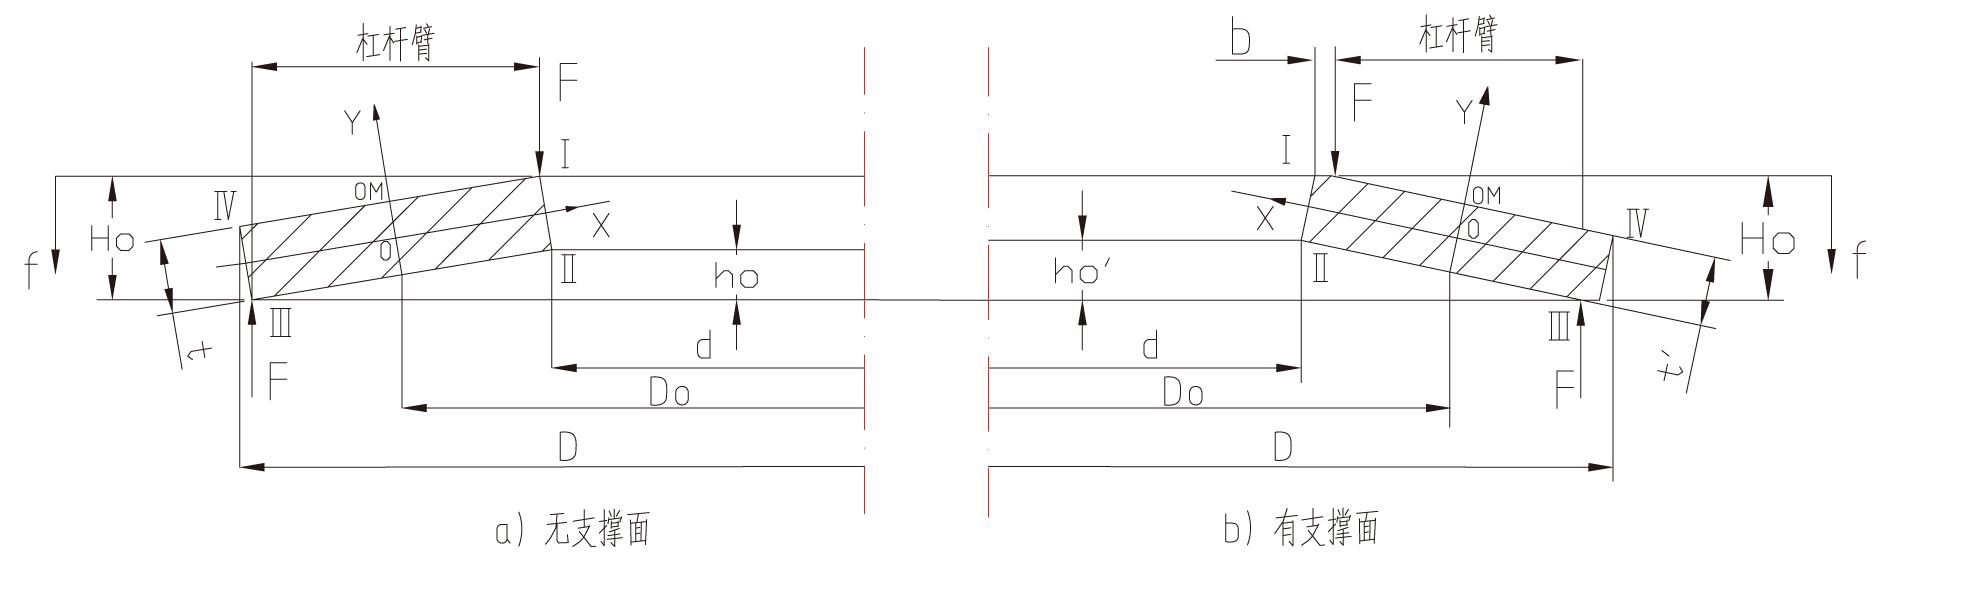 碟形弹簧示意图